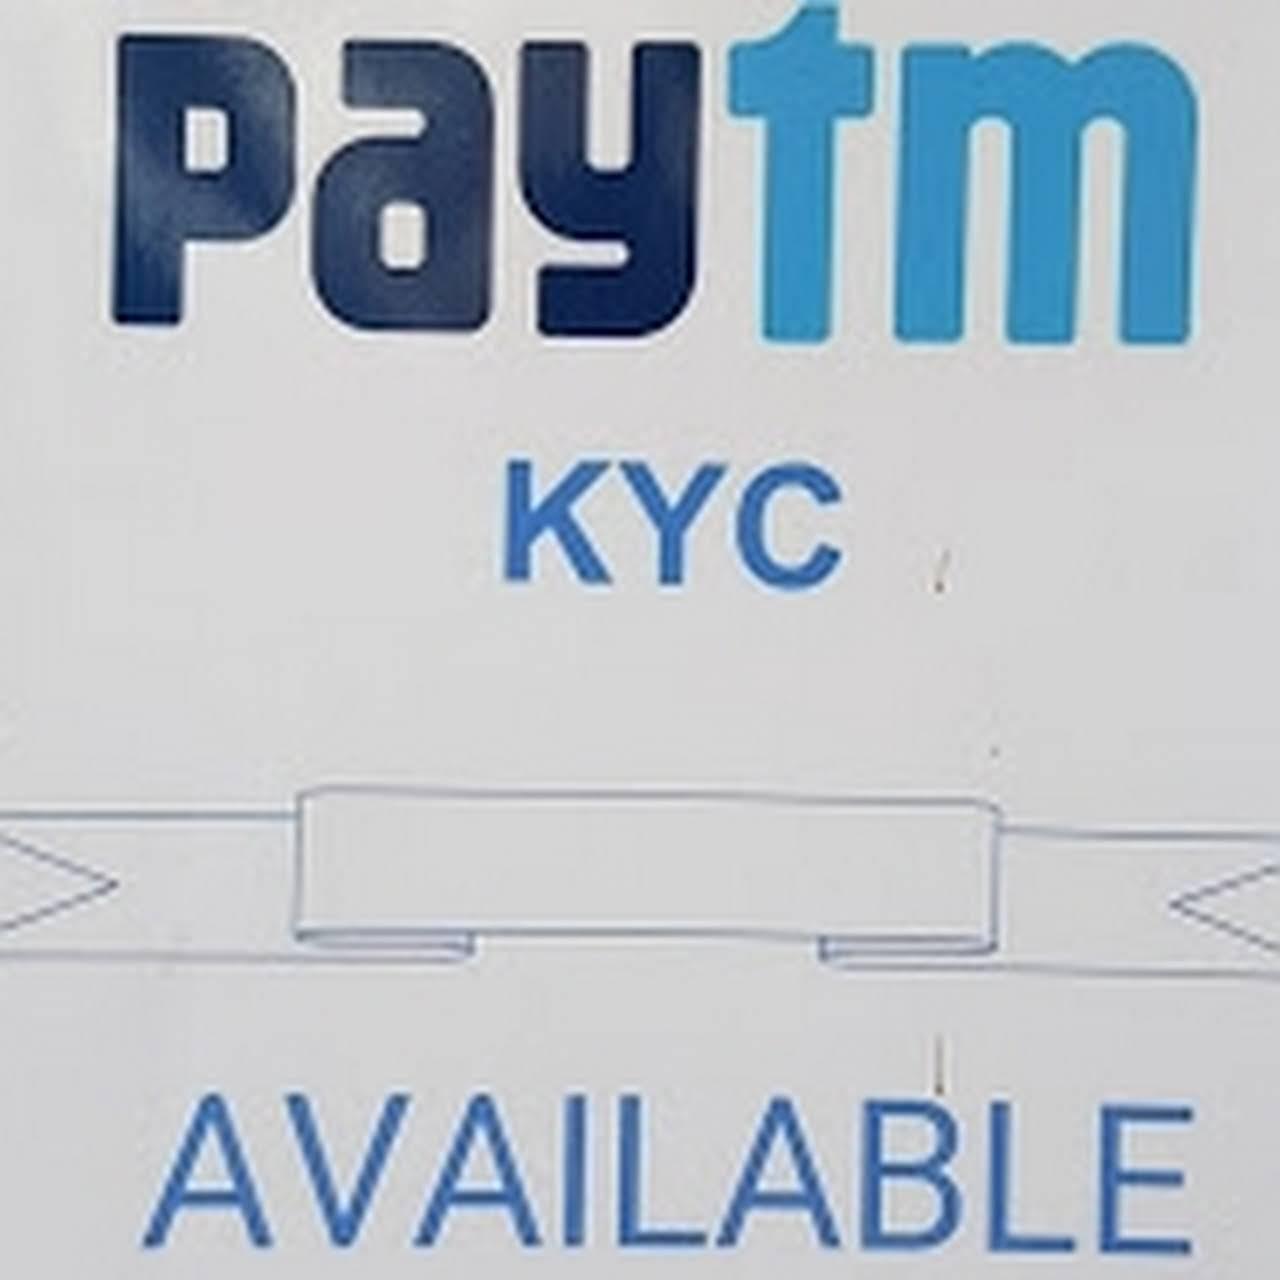 Rose Glen North Dakota ⁓ Try These Paytm Kyc Centers